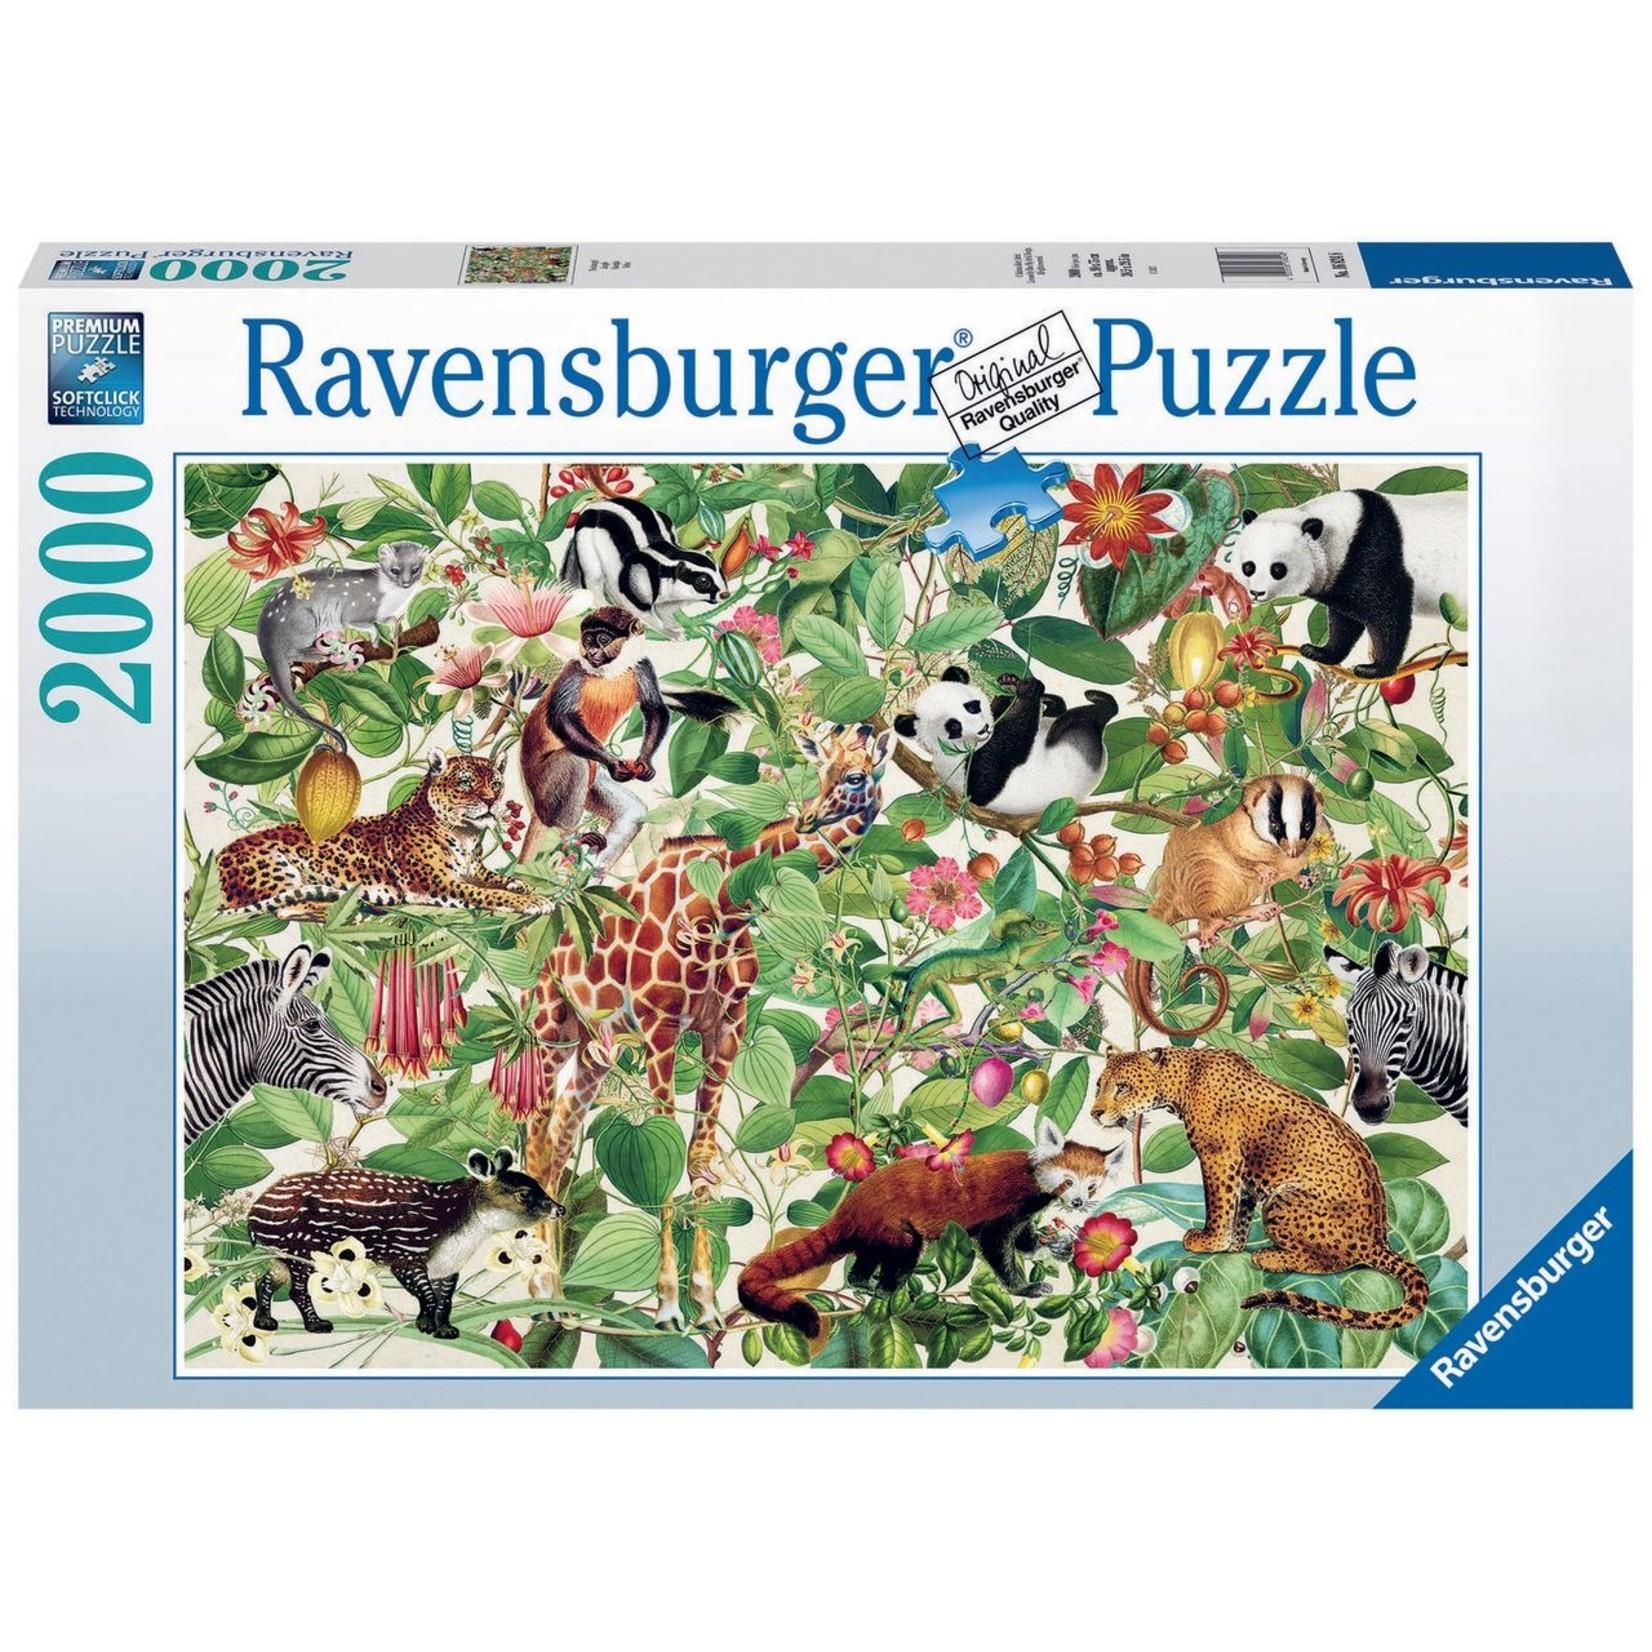 Ravensburger Jungle 2000pc